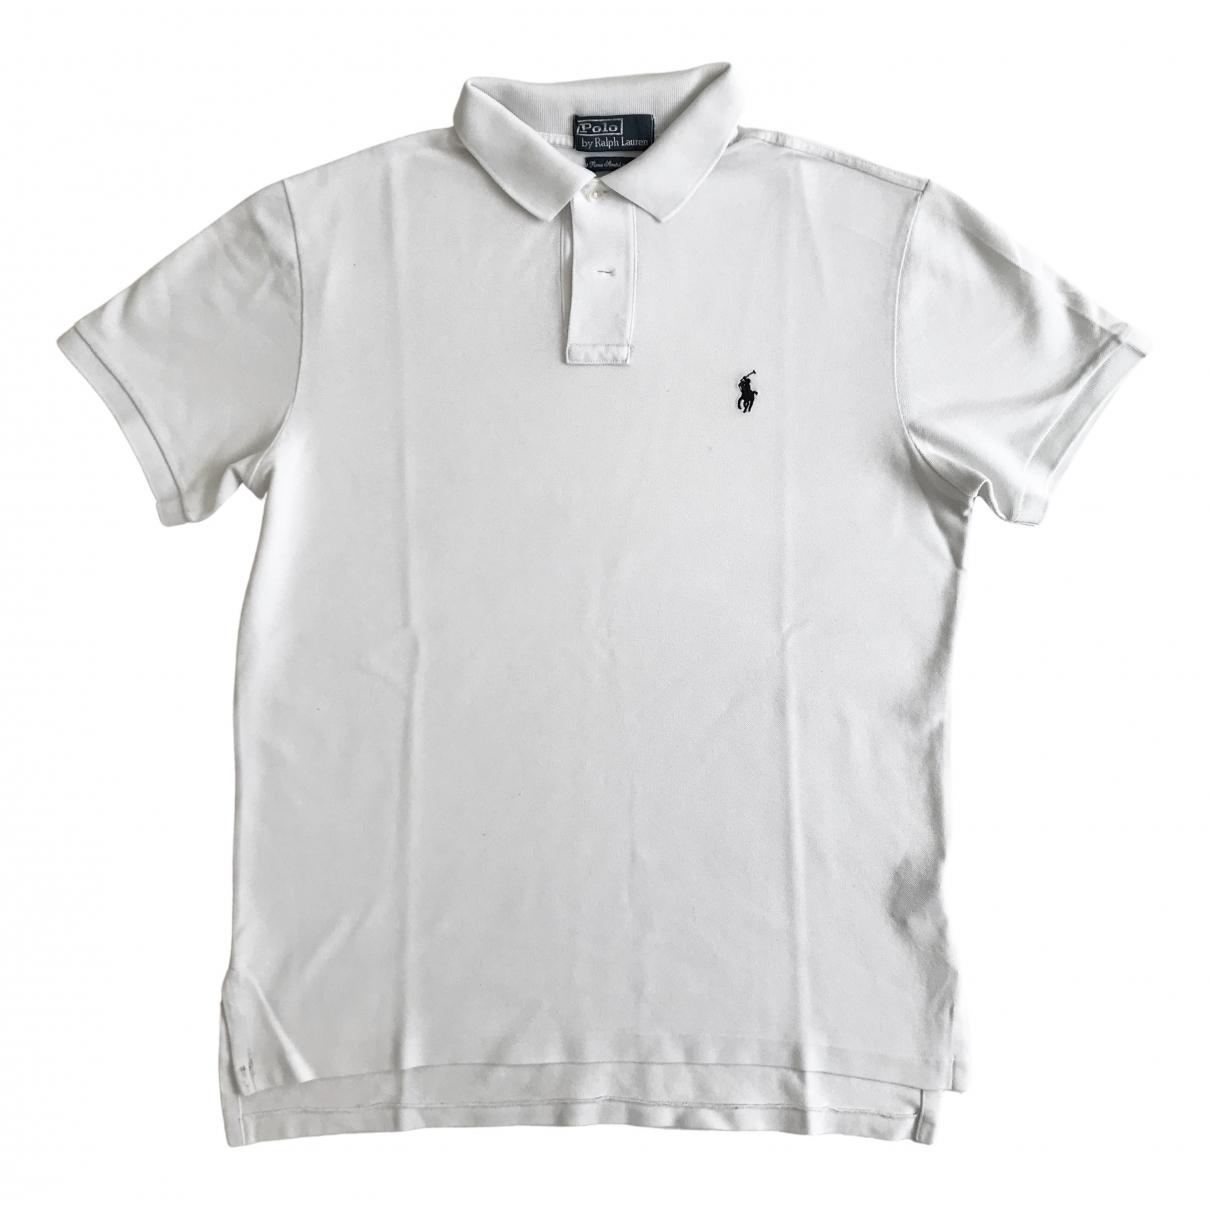 Polo Ralph Lauren - Tee shirts   pour homme en coton - blanc